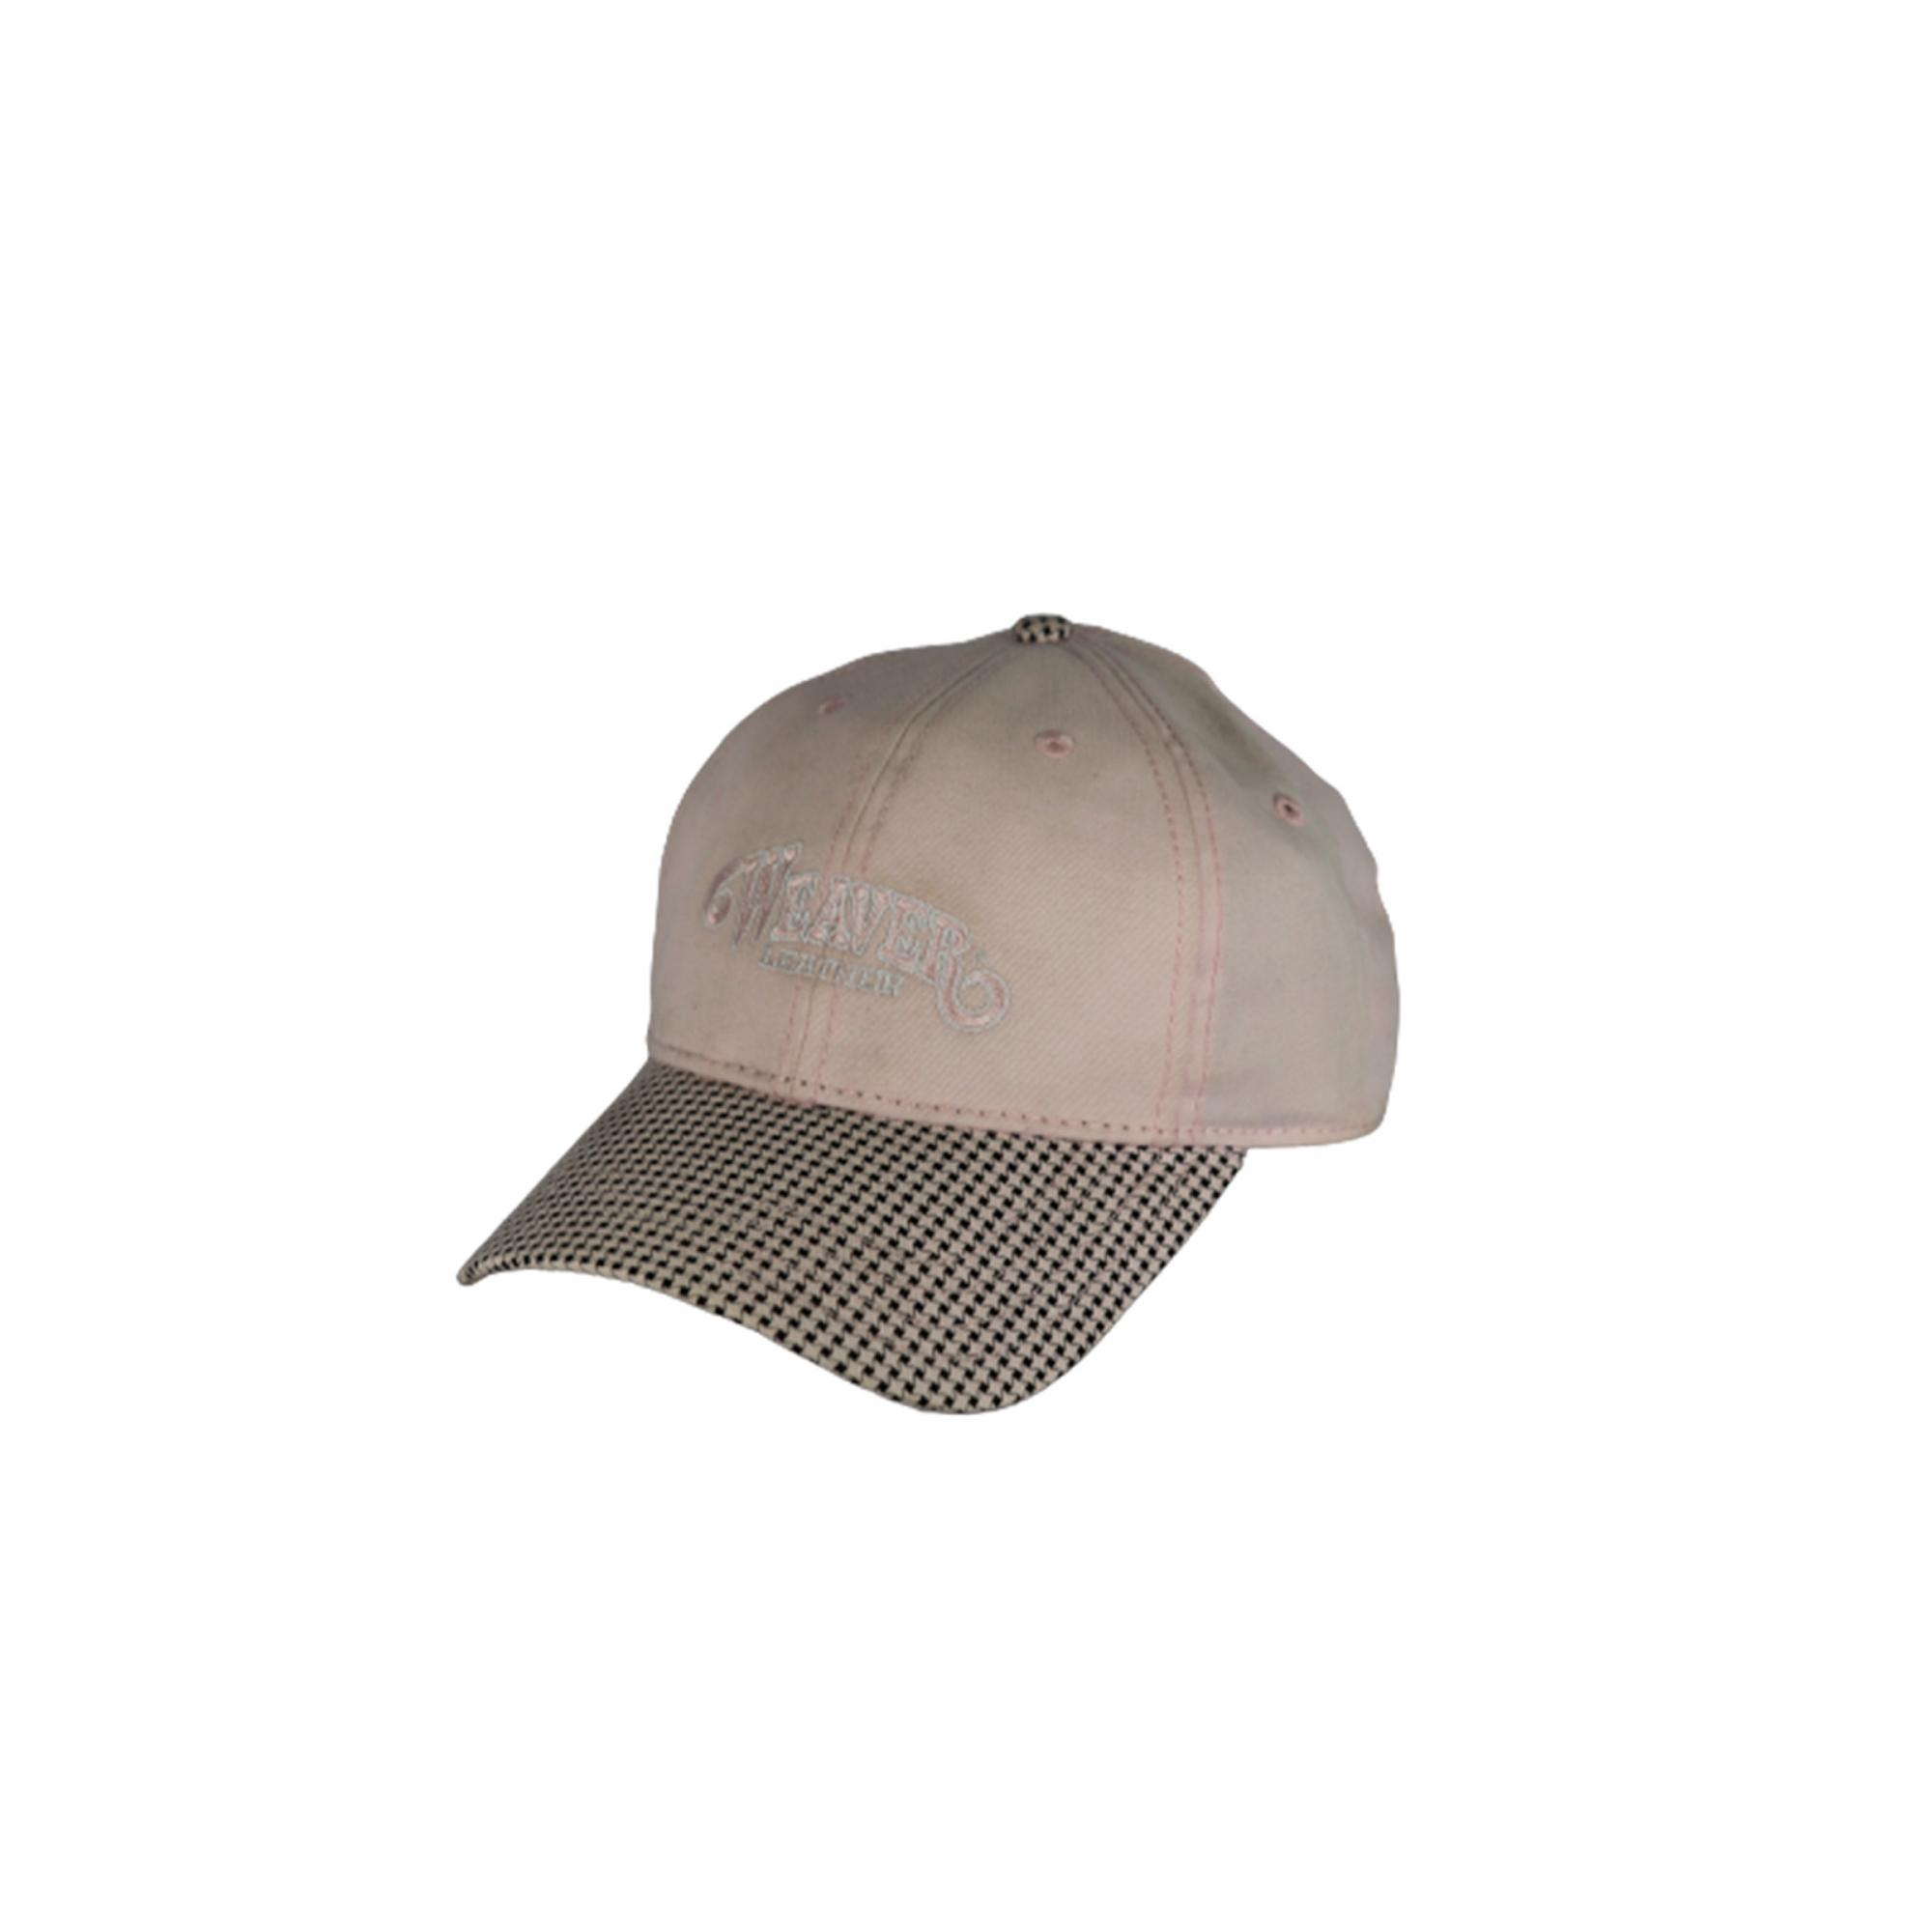 Boné Weaver Leather WL 001